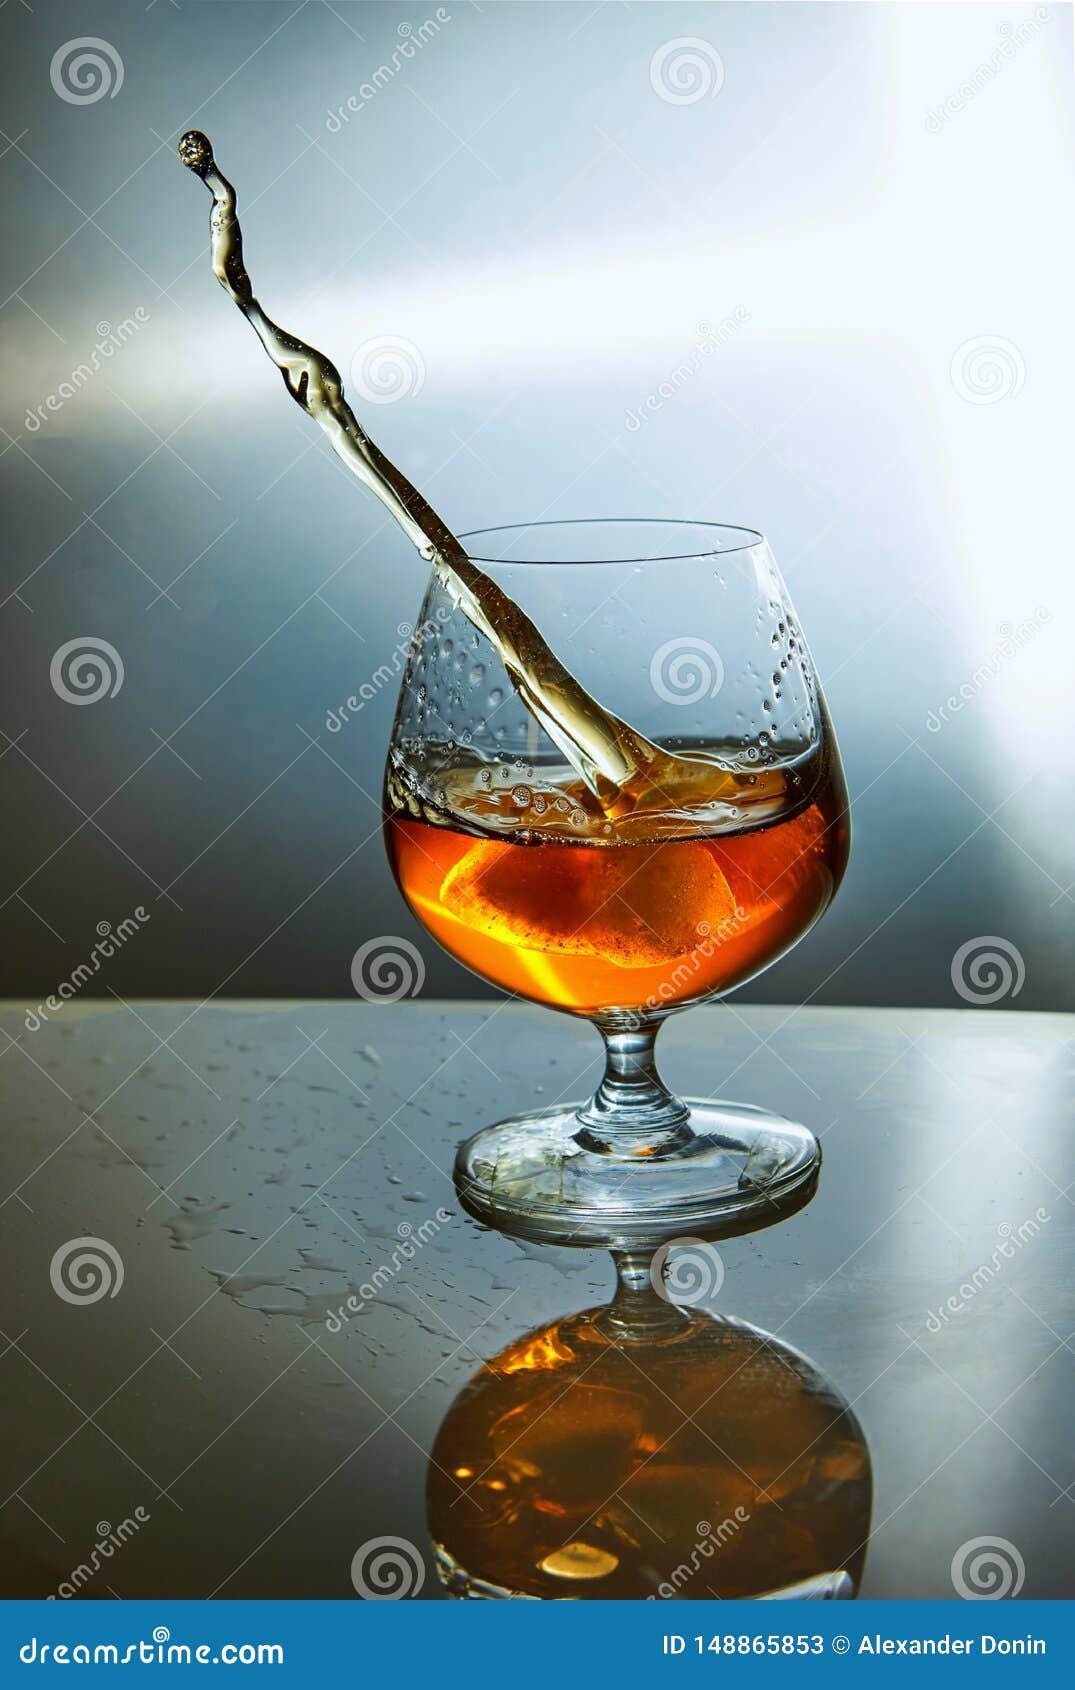 Ποτήρι του ουίσκυ με ένα κύμα σε ένα μπλε υπόβαθρο